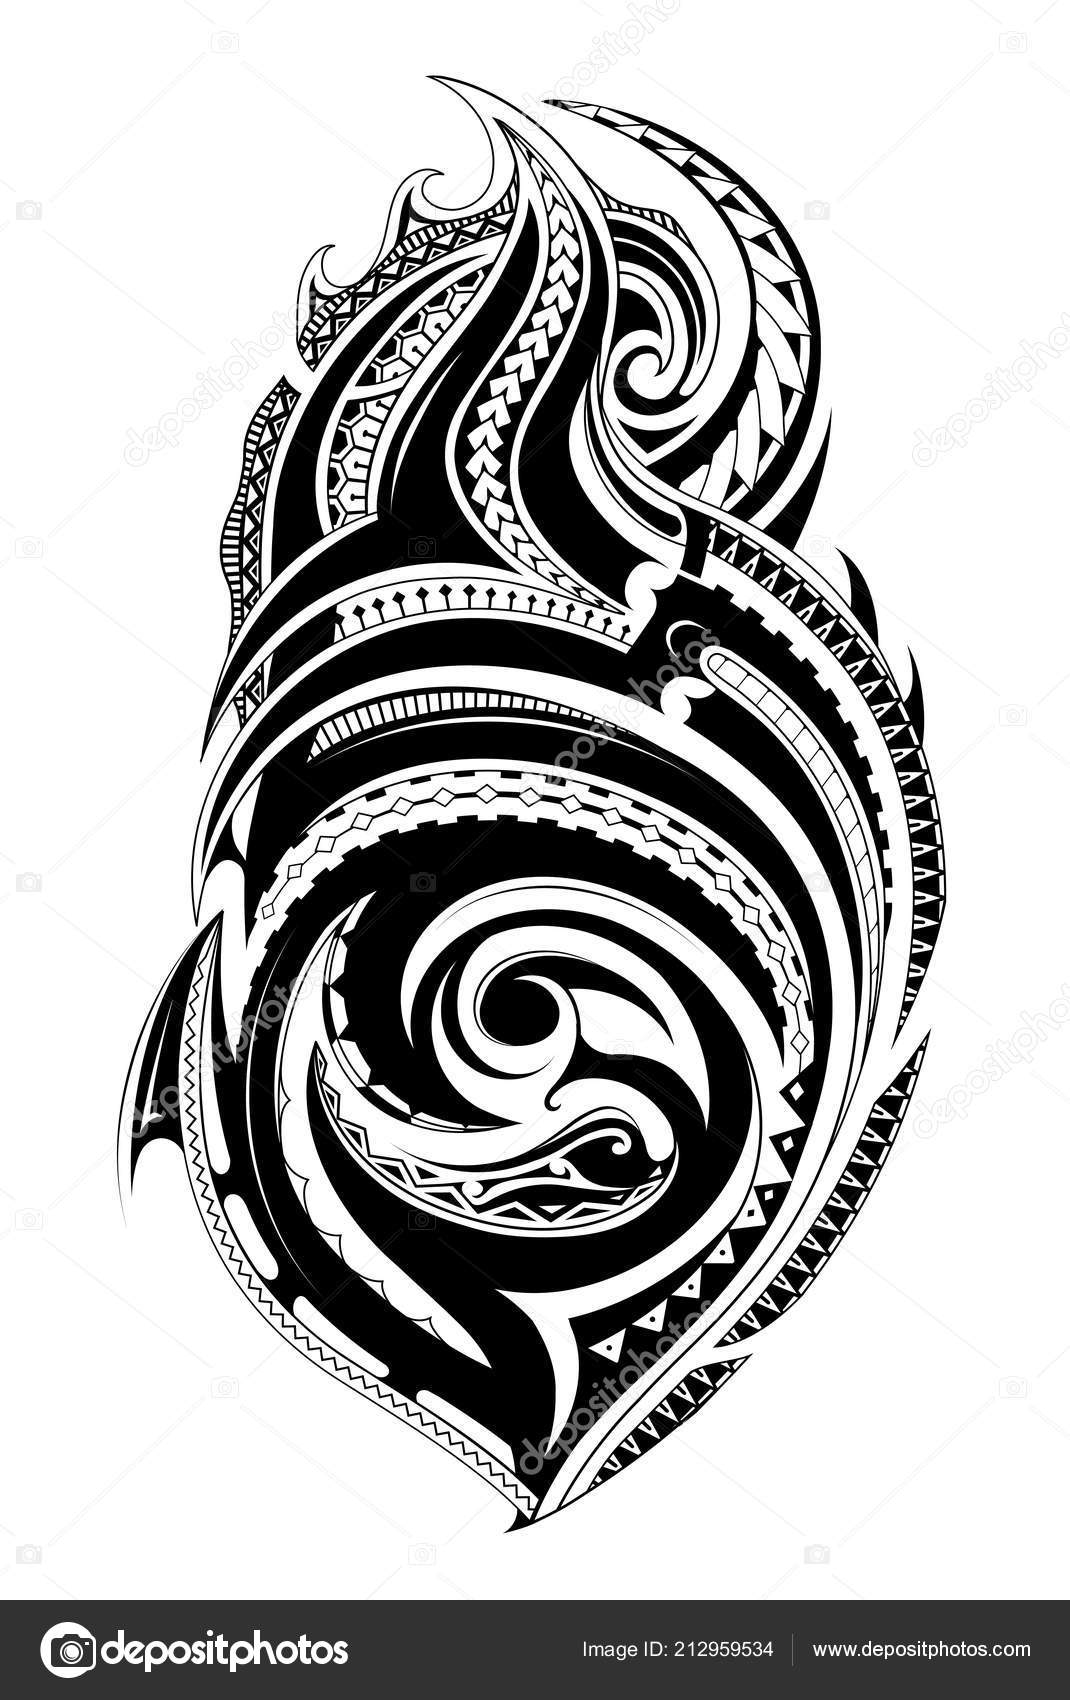 2913cb51f5f36 Maori style tattoo — Stock Vector © akv_lv #212959534